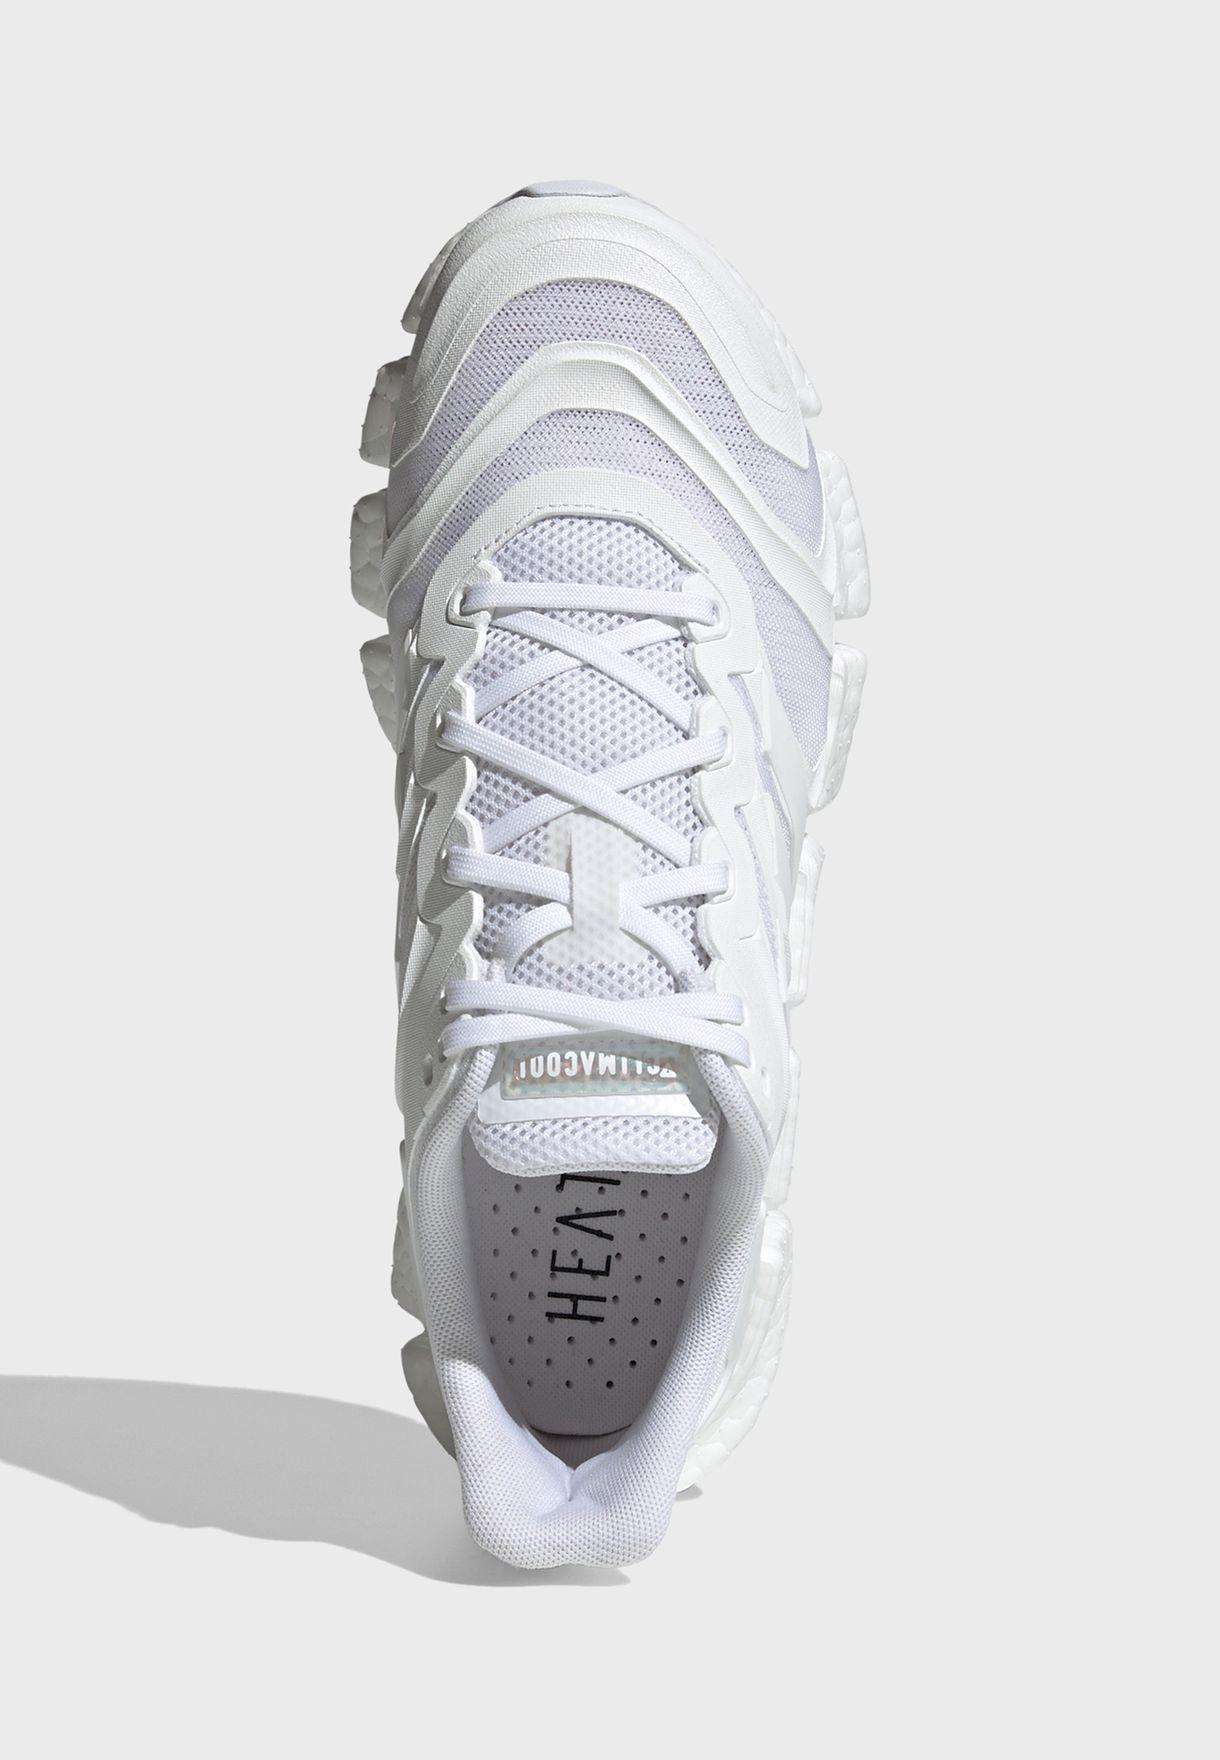 حذاء كليما كول فينتو